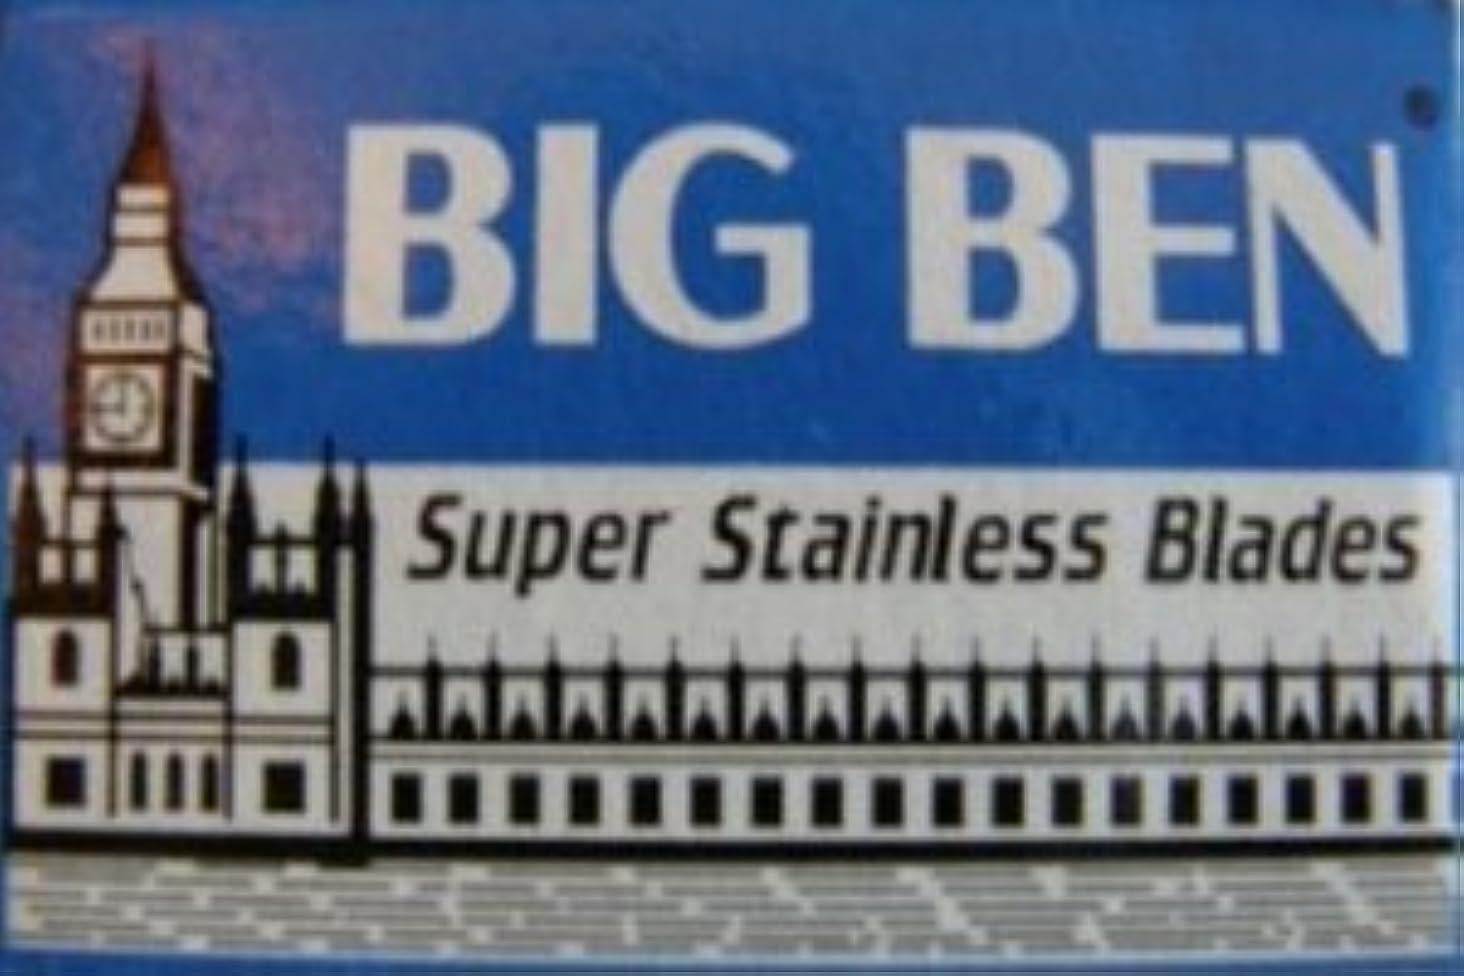 十一不倫地下鉄Big Ben Super Stainless 両刃替刃 5枚入り(5枚入り1 個セット)【並行輸入品】